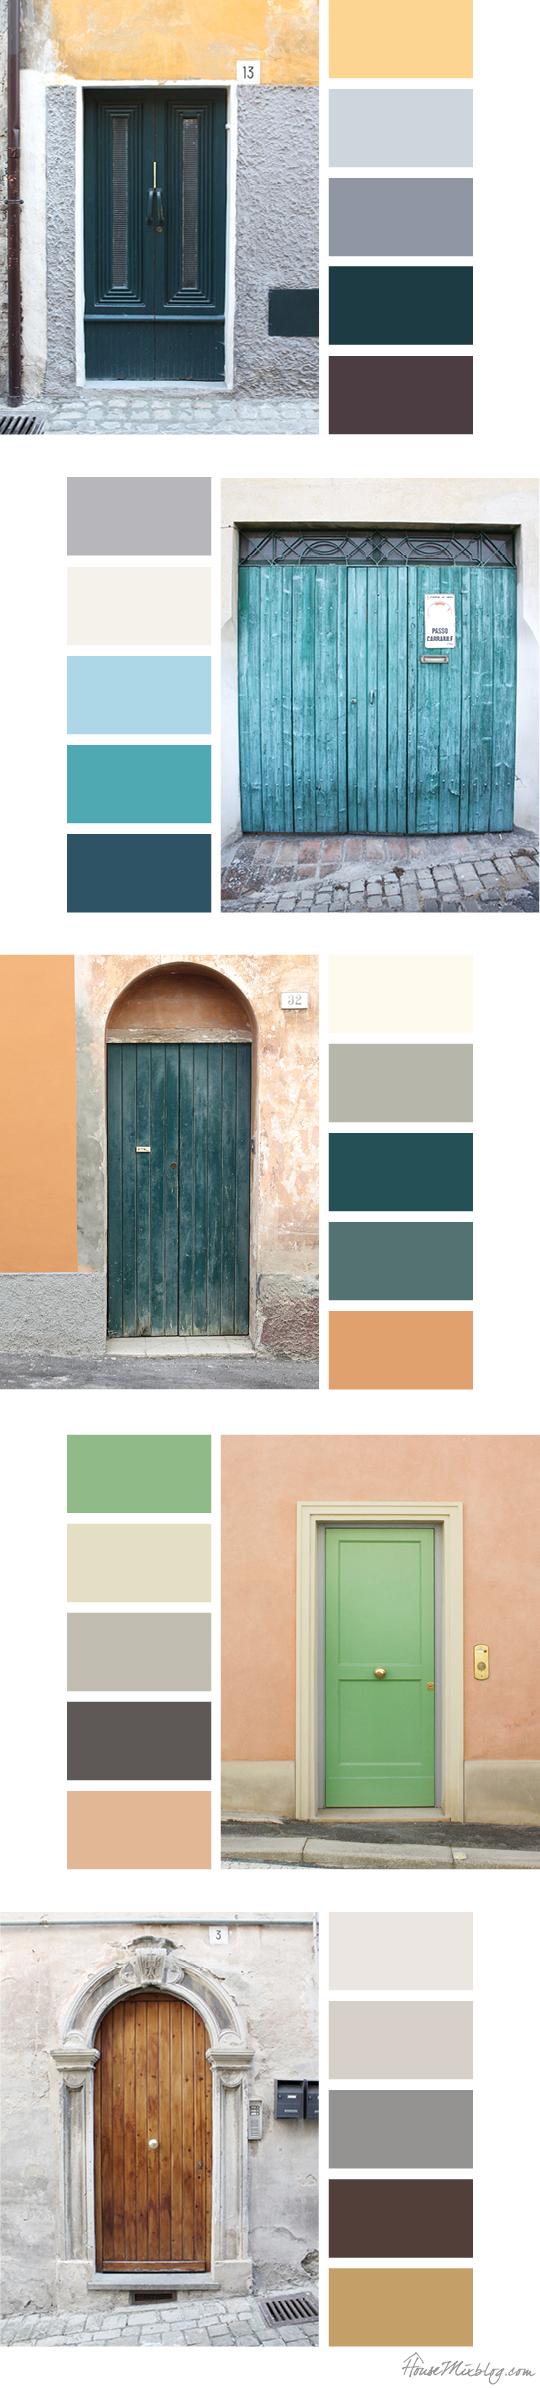 Italian door color palettes